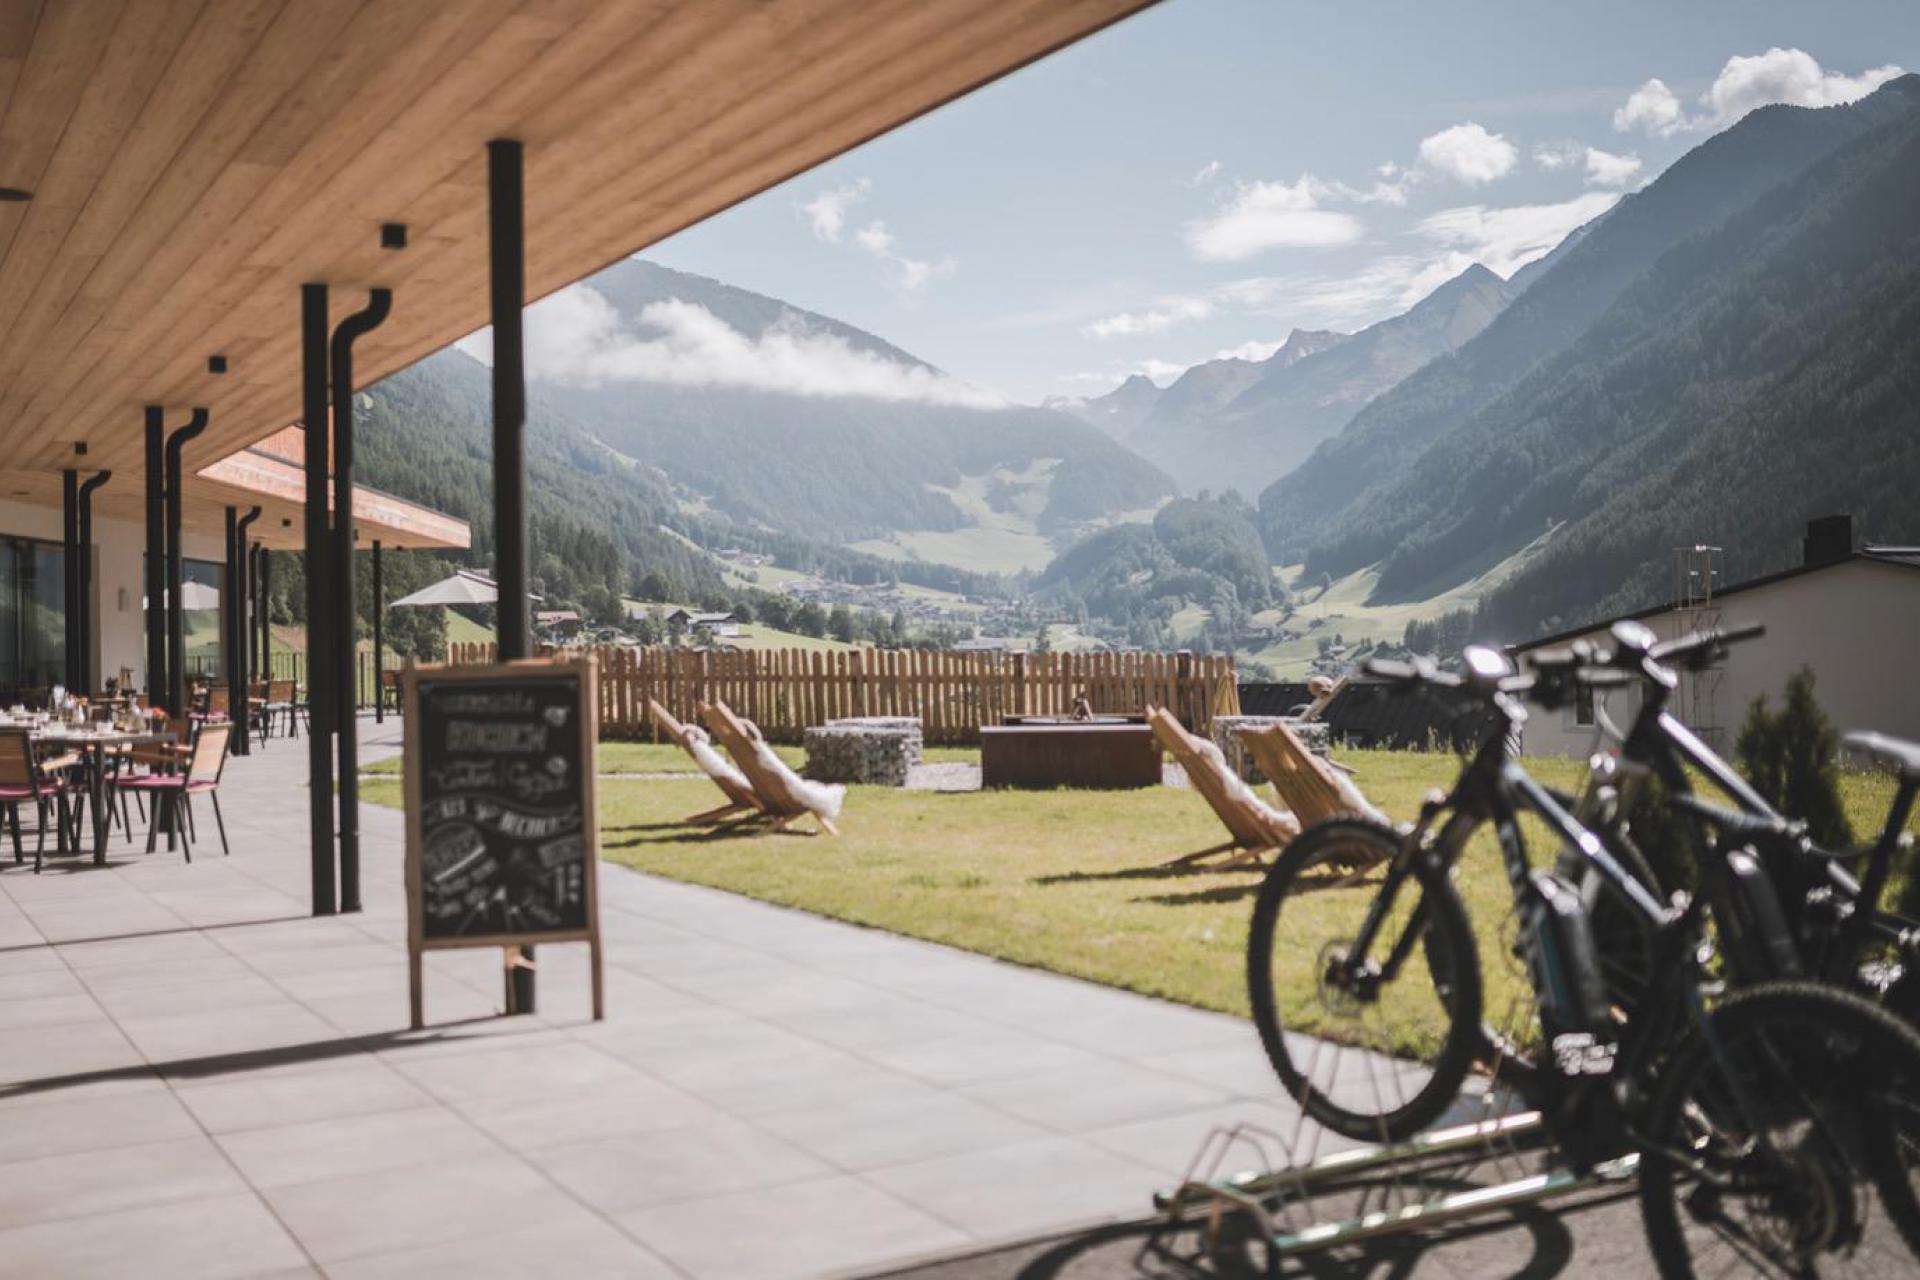 Agriturismo Dolomieten Luxe agriturismo in de bergen met bistrot en wellness